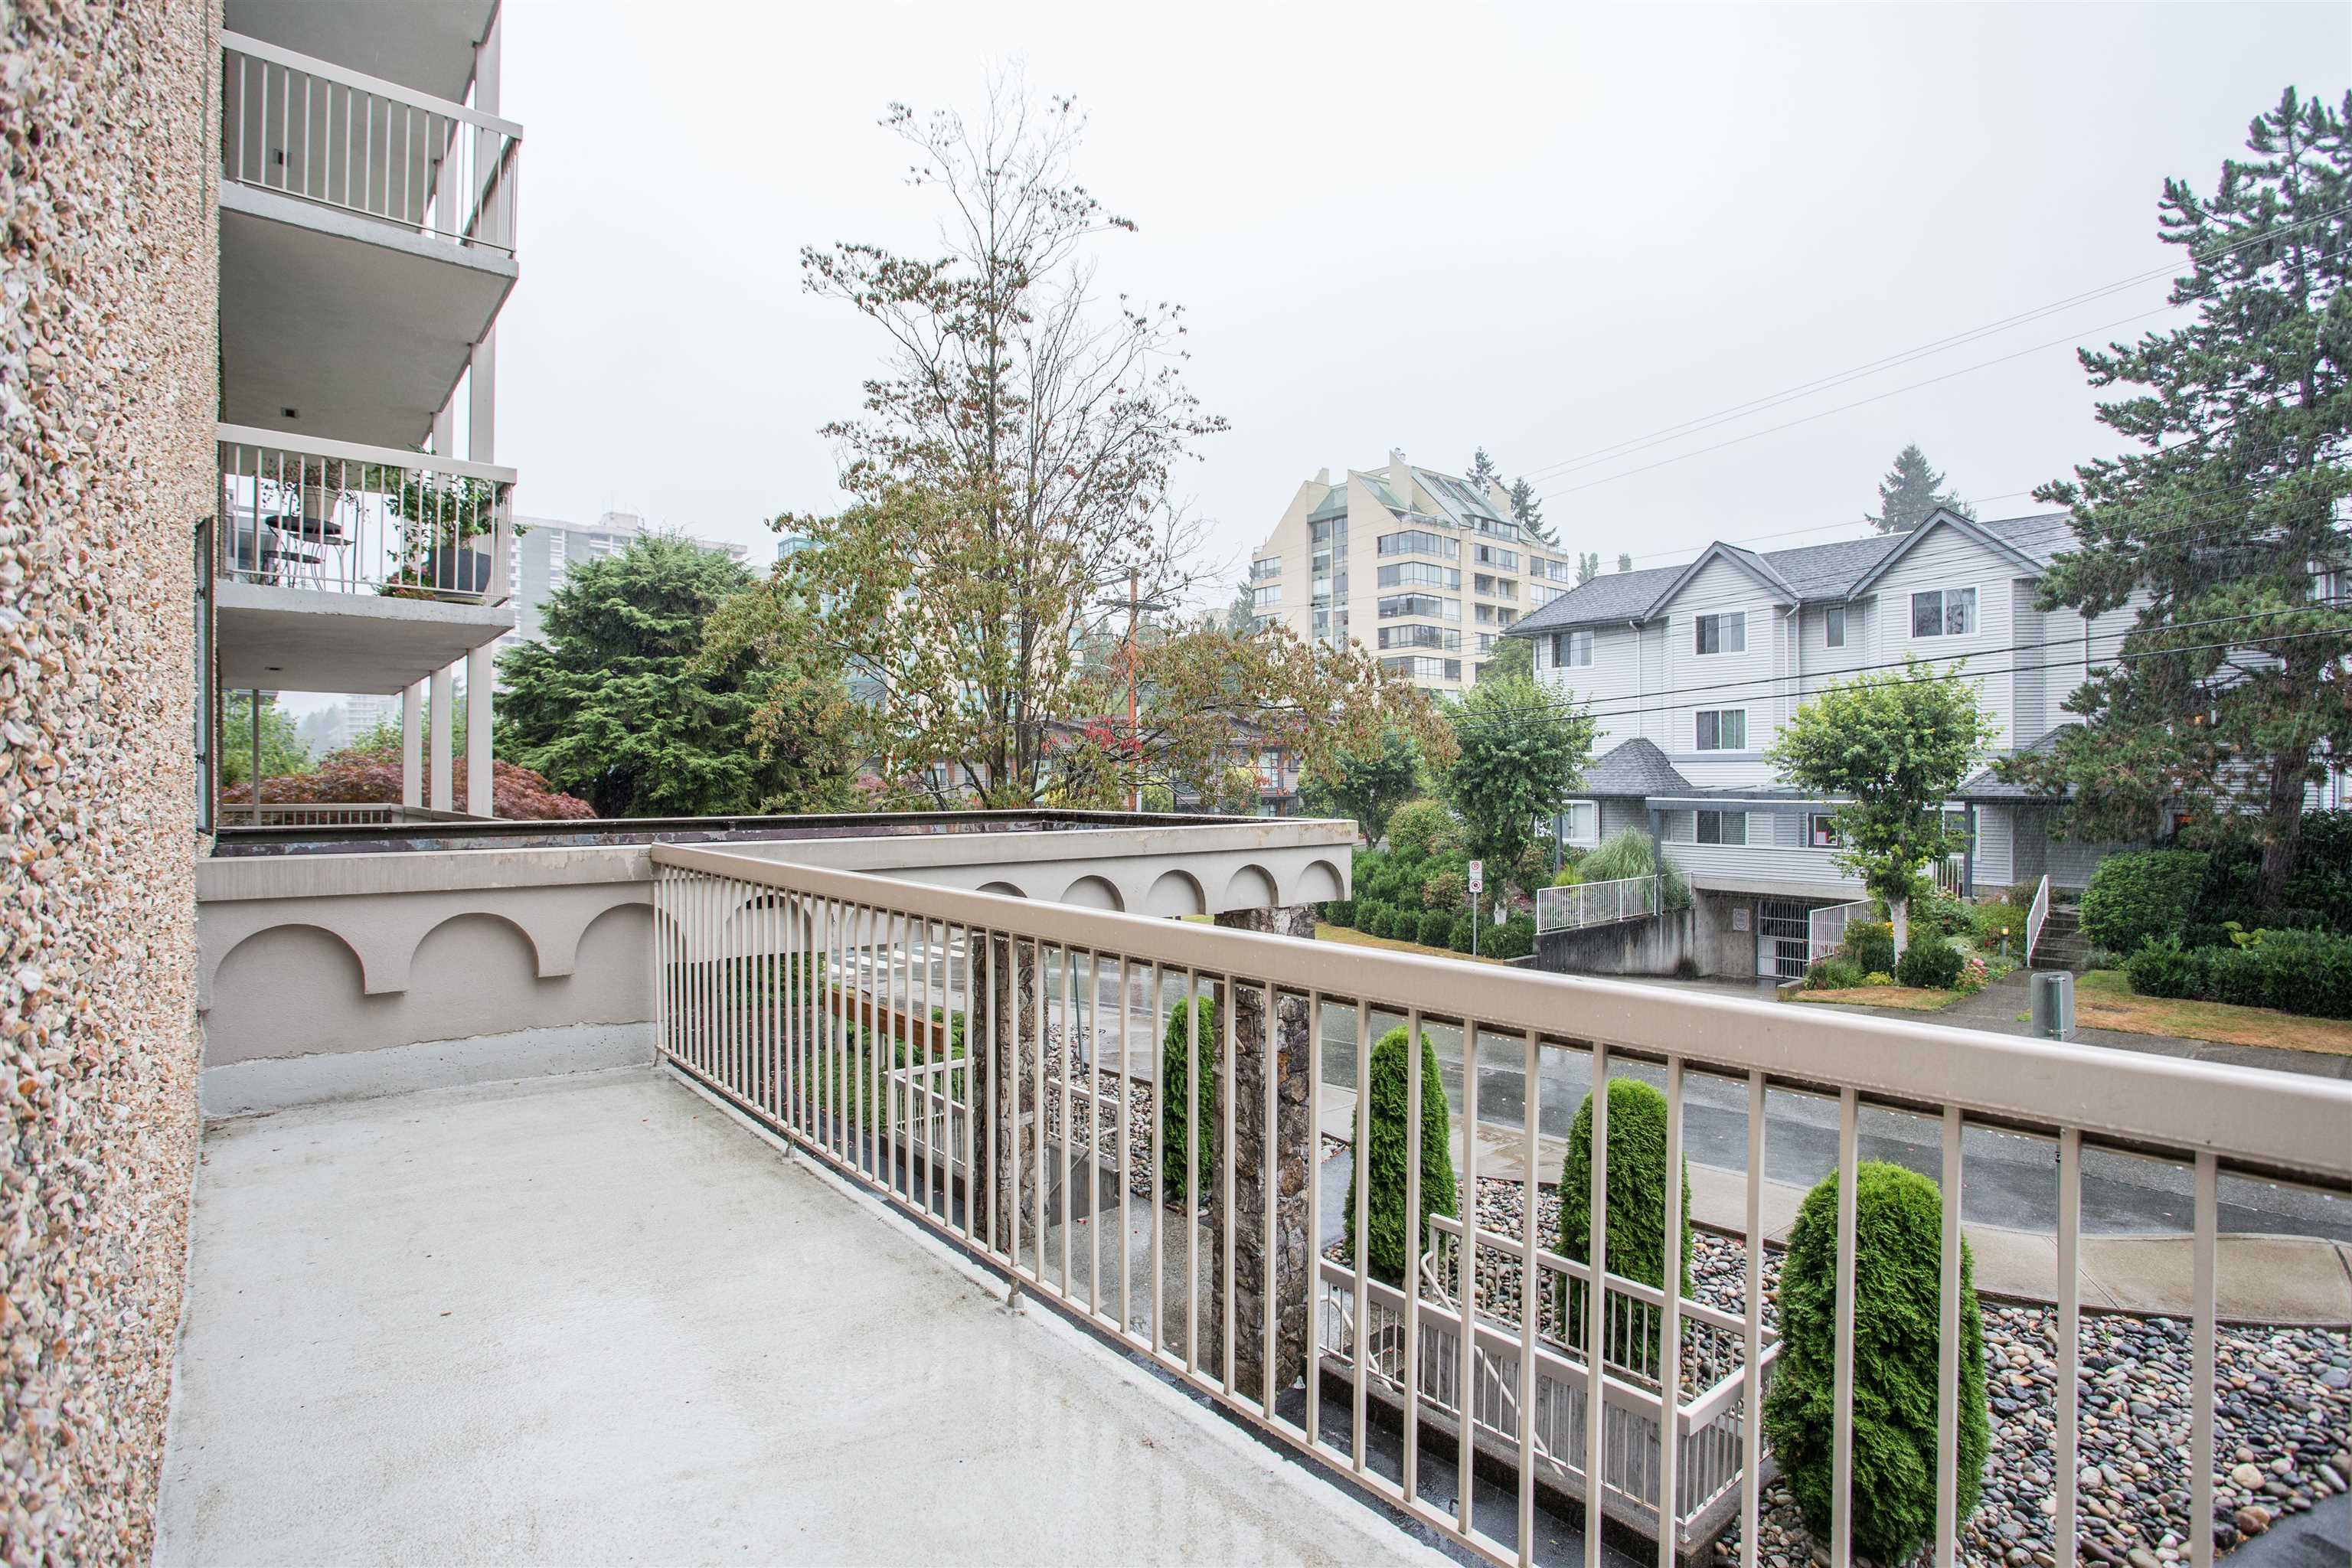 203 1390 DUCHESS AVENUE - Ambleside Apartment/Condo for sale, 1 Bedroom (R2611618) - #32